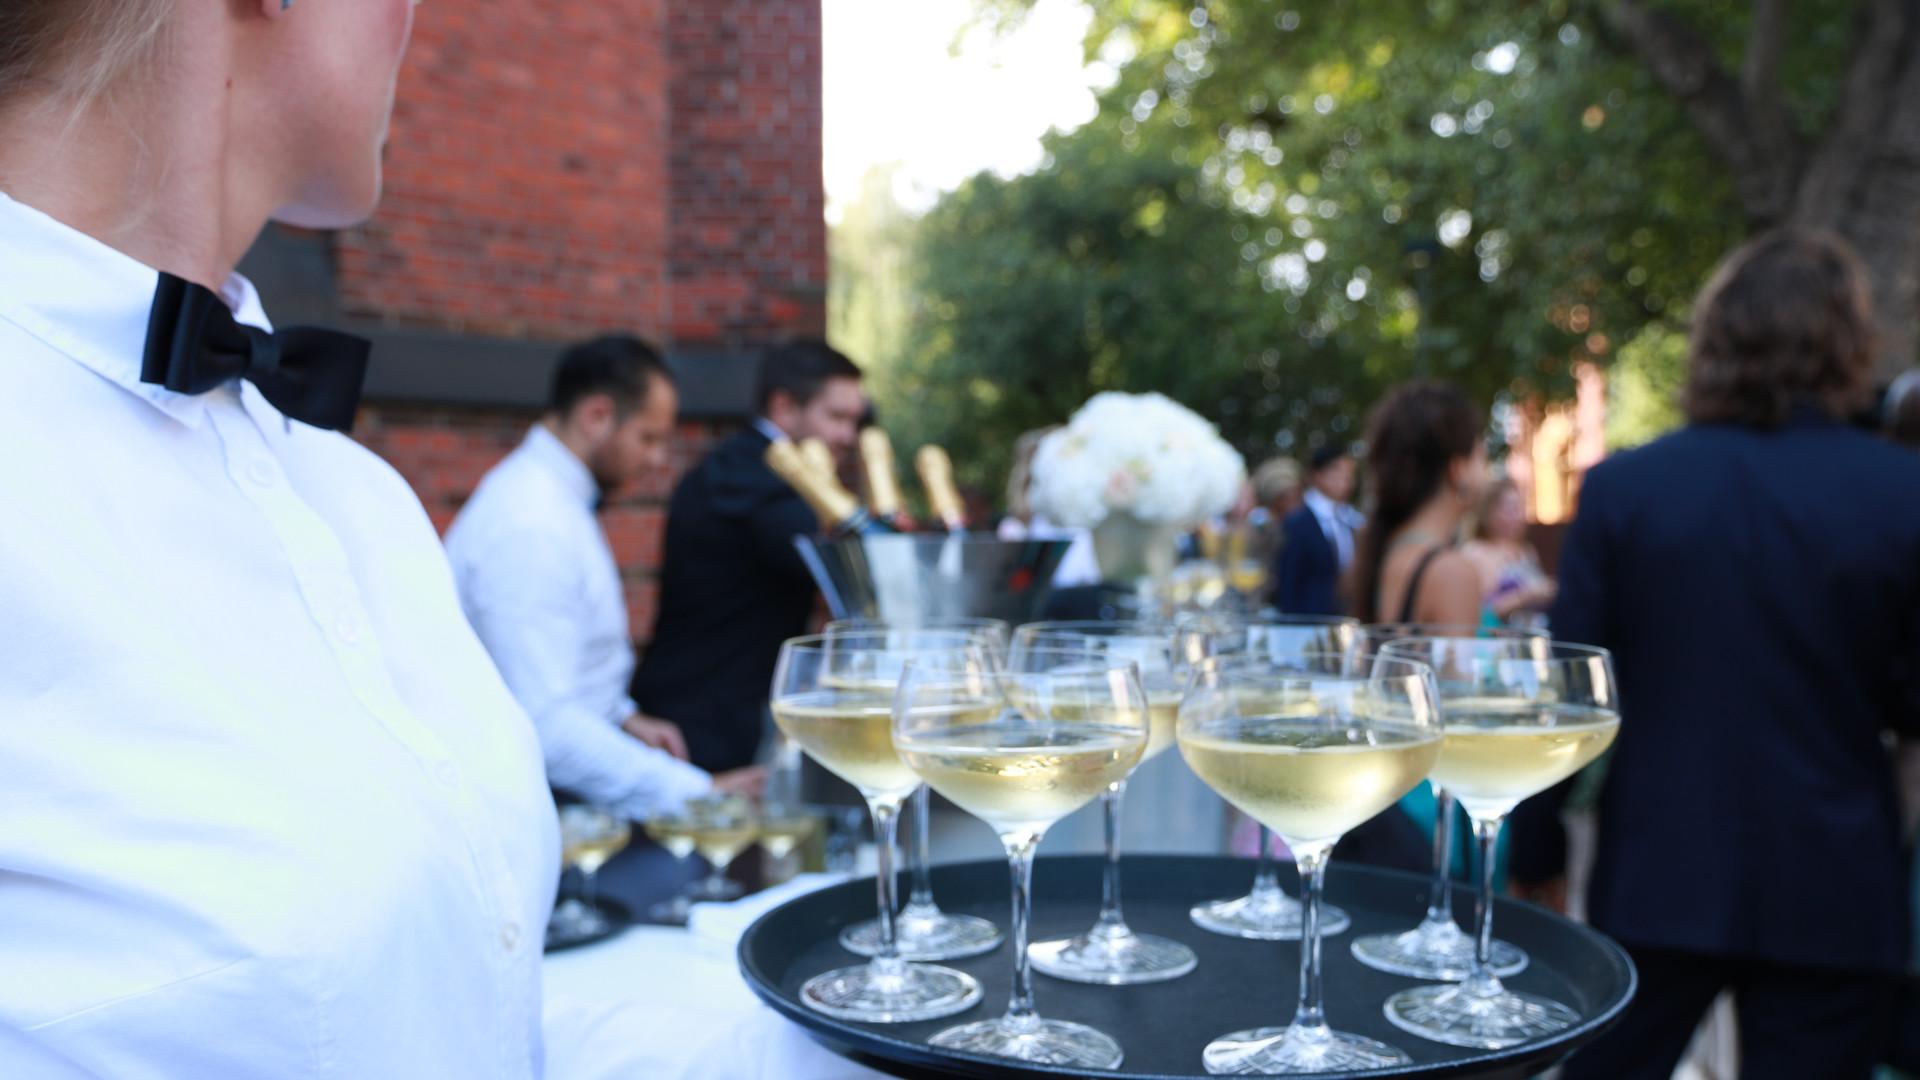 Hochzeitsempfang mit Champagner